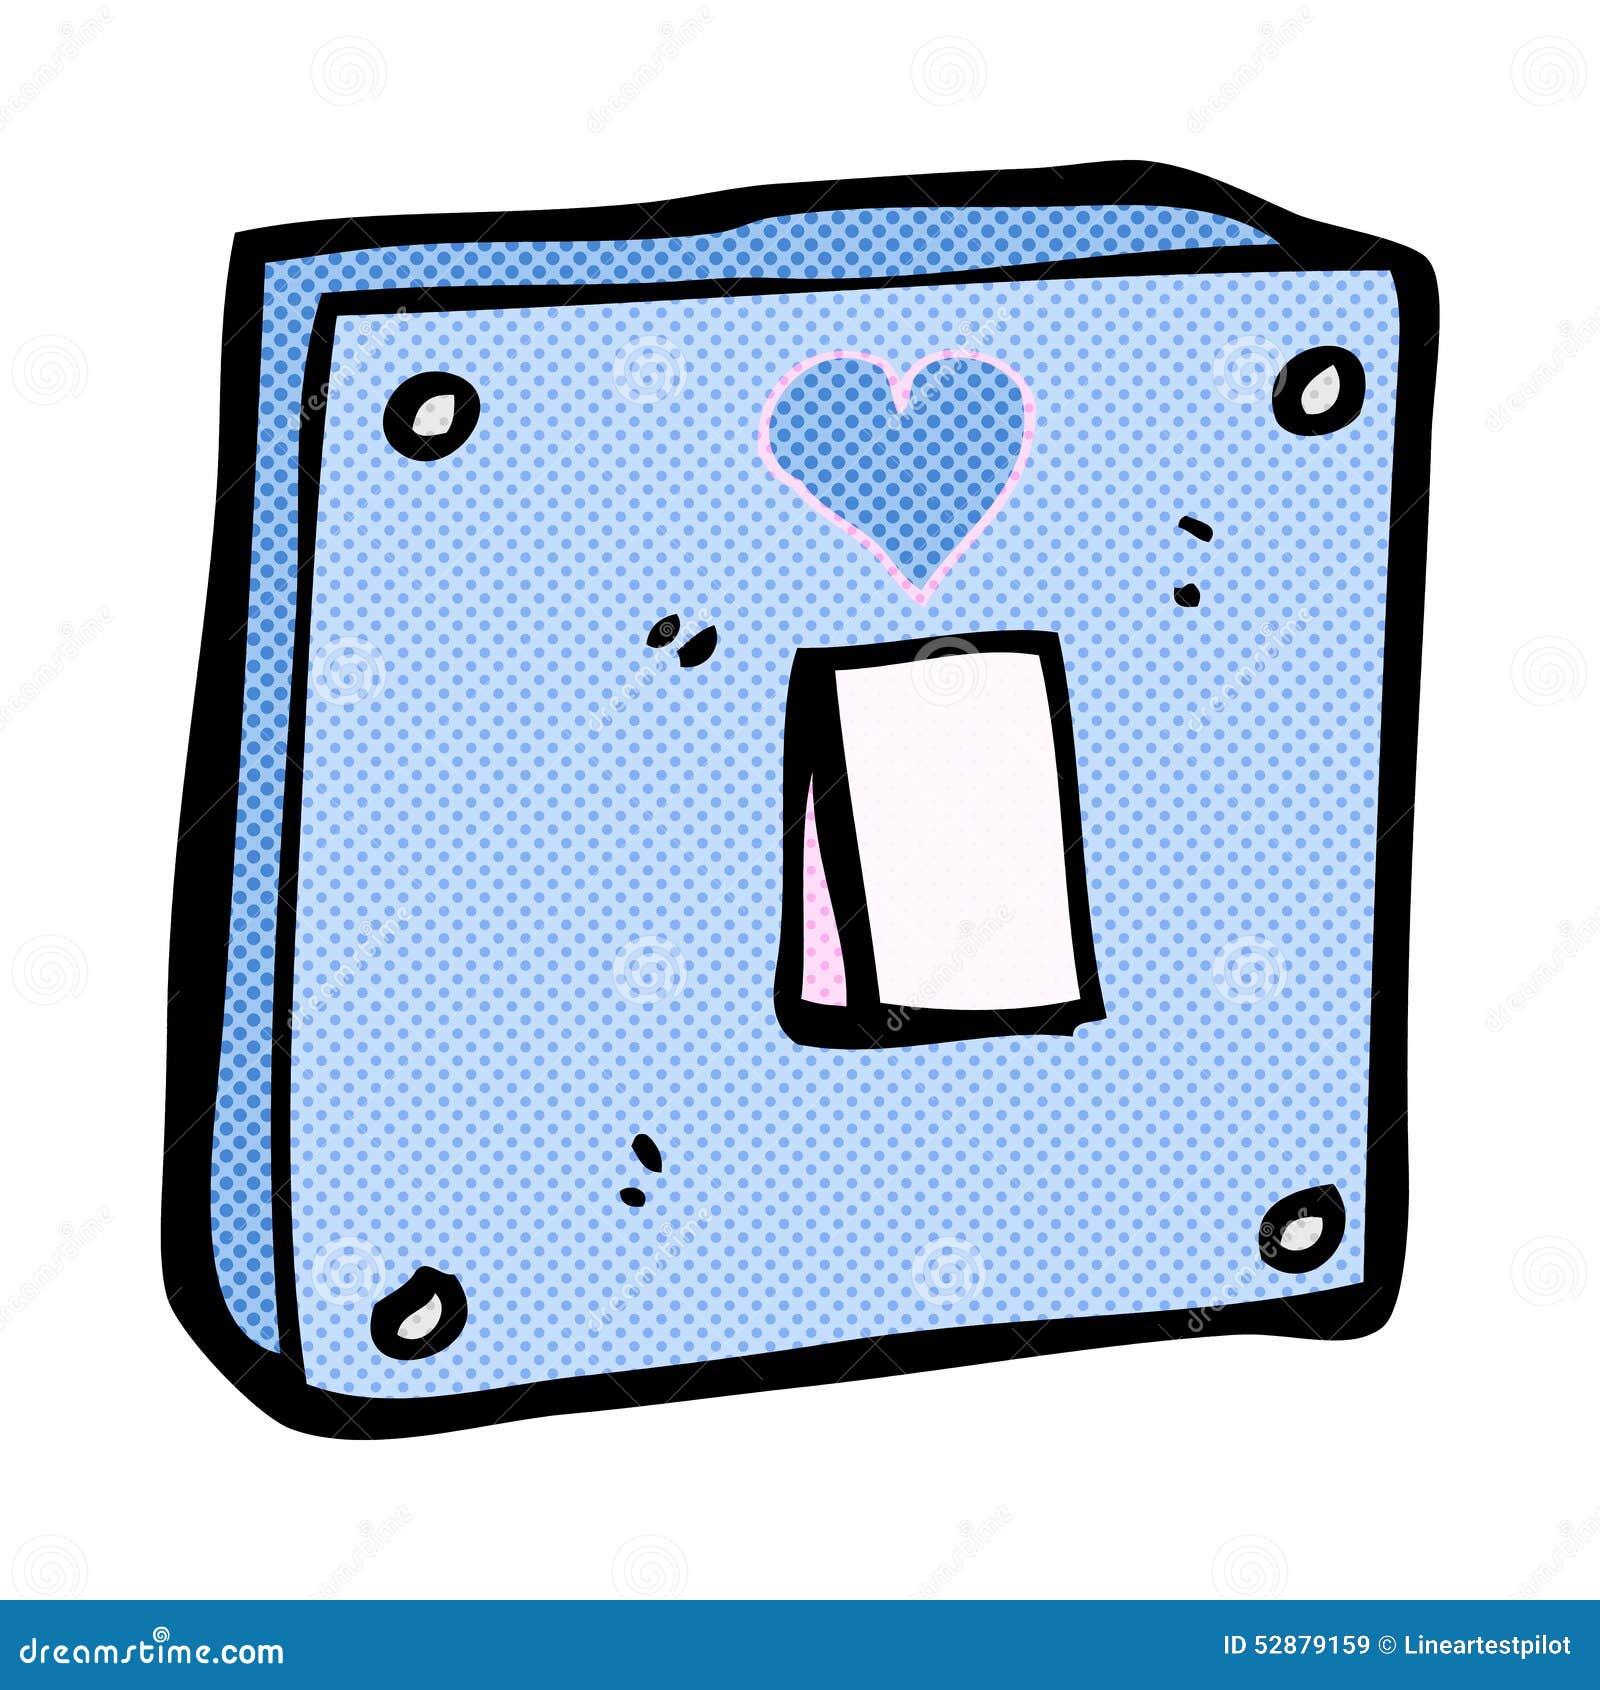 komische karikatur drehen mich auf lichtschalter stock abbildung bild 52879159. Black Bedroom Furniture Sets. Home Design Ideas